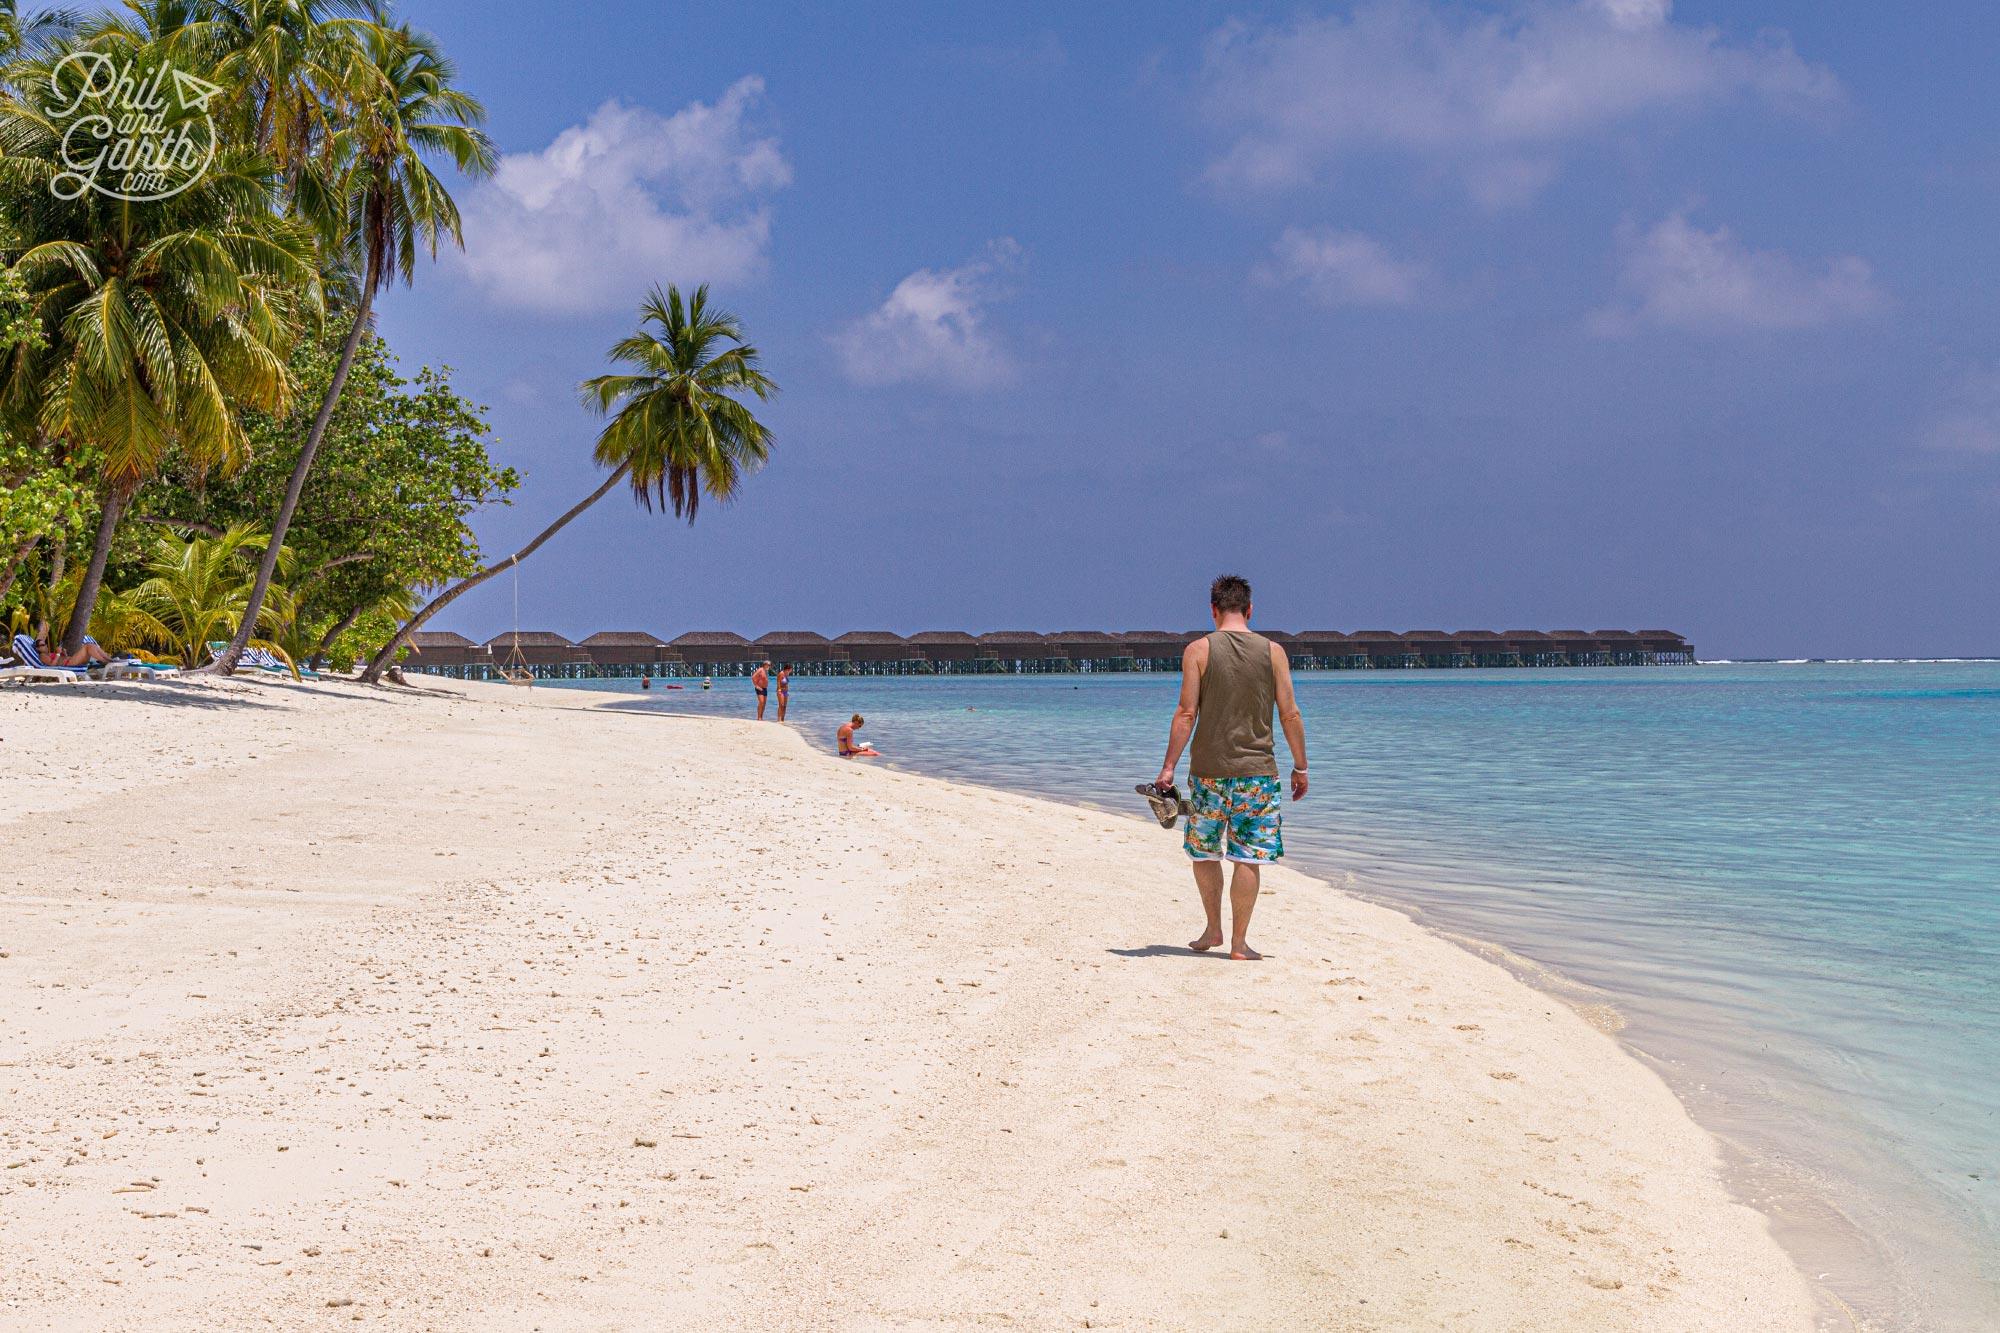 Phil taking a walk down the beach in Meeru Maldives